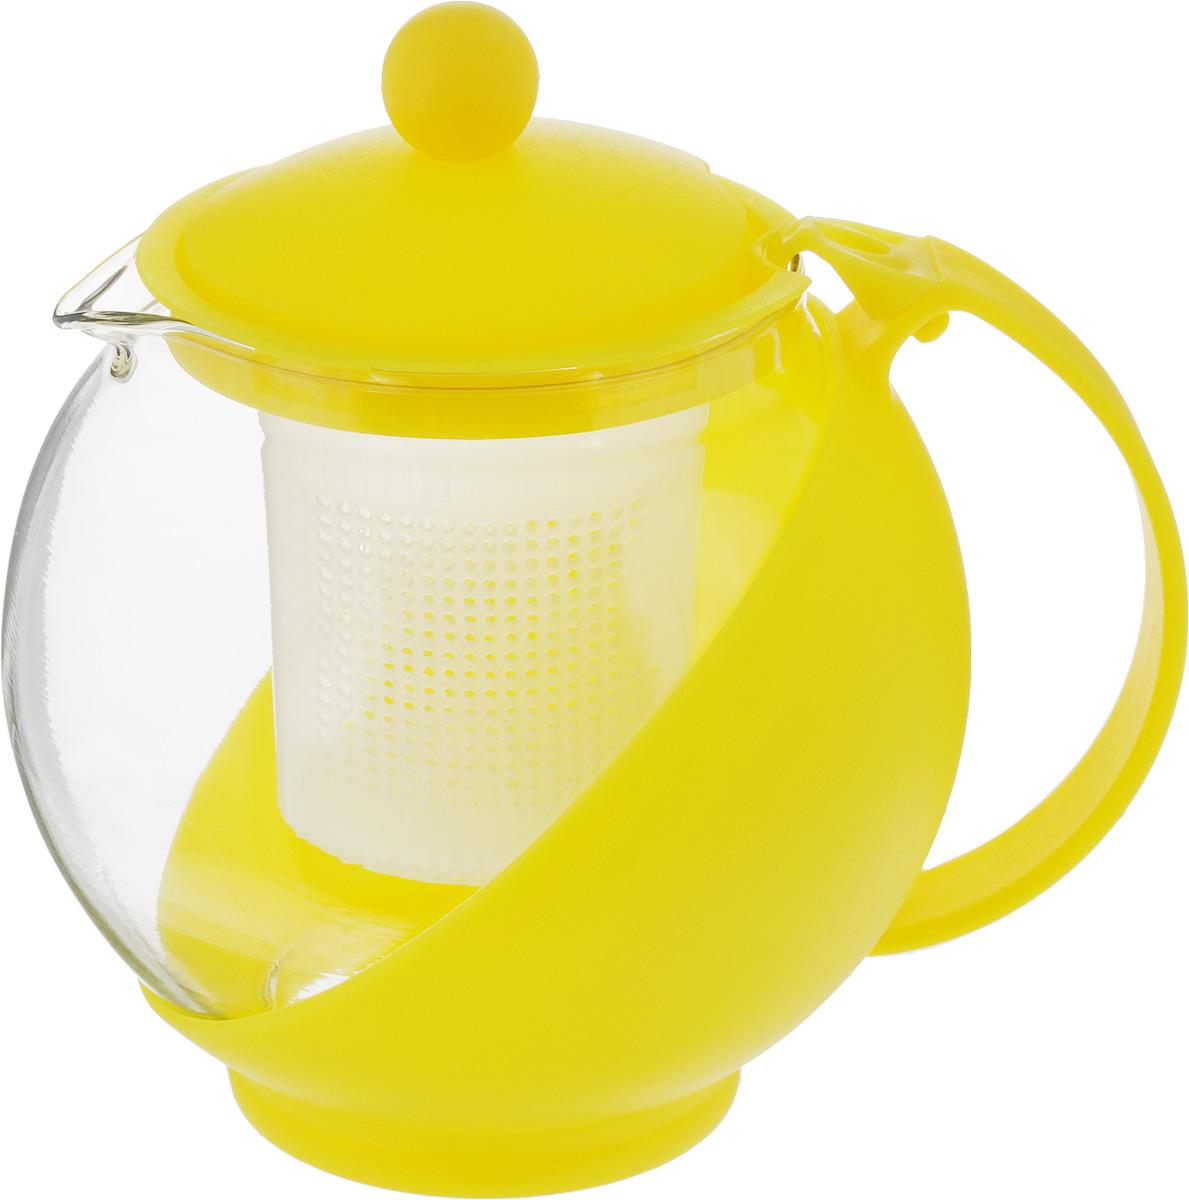 Чайник заварочный Wellberg Aqual, с фильтром, цвет: прозрачный, желтый, 750 мл2с25_белыйЗаварочный чайник Wellberg Aqual изготовлен из высококачественного пищевого пластика и жаропрочного стекла. Чайник имеет пластиковый фильтр и оснащен удобной ручкой. Крышка плотно закрывается, а удобный носик предотвращает проливание жидкости. Чайник прекрасно подойдет для заваривания чая и травяных напитков. Высота чайника (без учета крышки): 11,5 см.Высота чайника (с учетом крышки): 14 см. Диаметр (по верхнему краю): 8 см.Высота фильтра: 6,5 см.